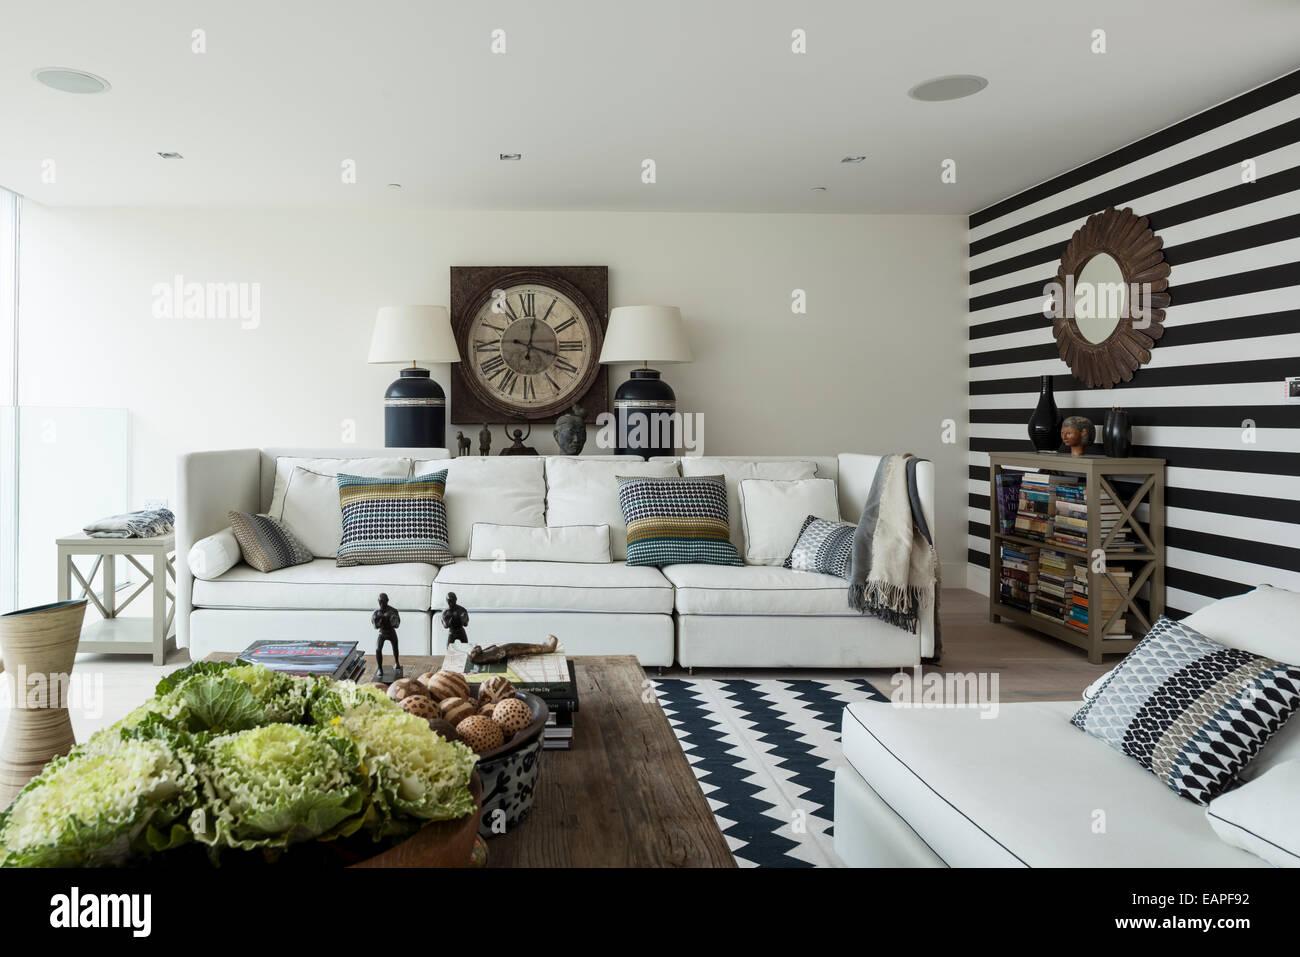 Pareti A Strisce Bianco E Nero : Bianco e nero a strisce parete in salotto con chevron tappeto a